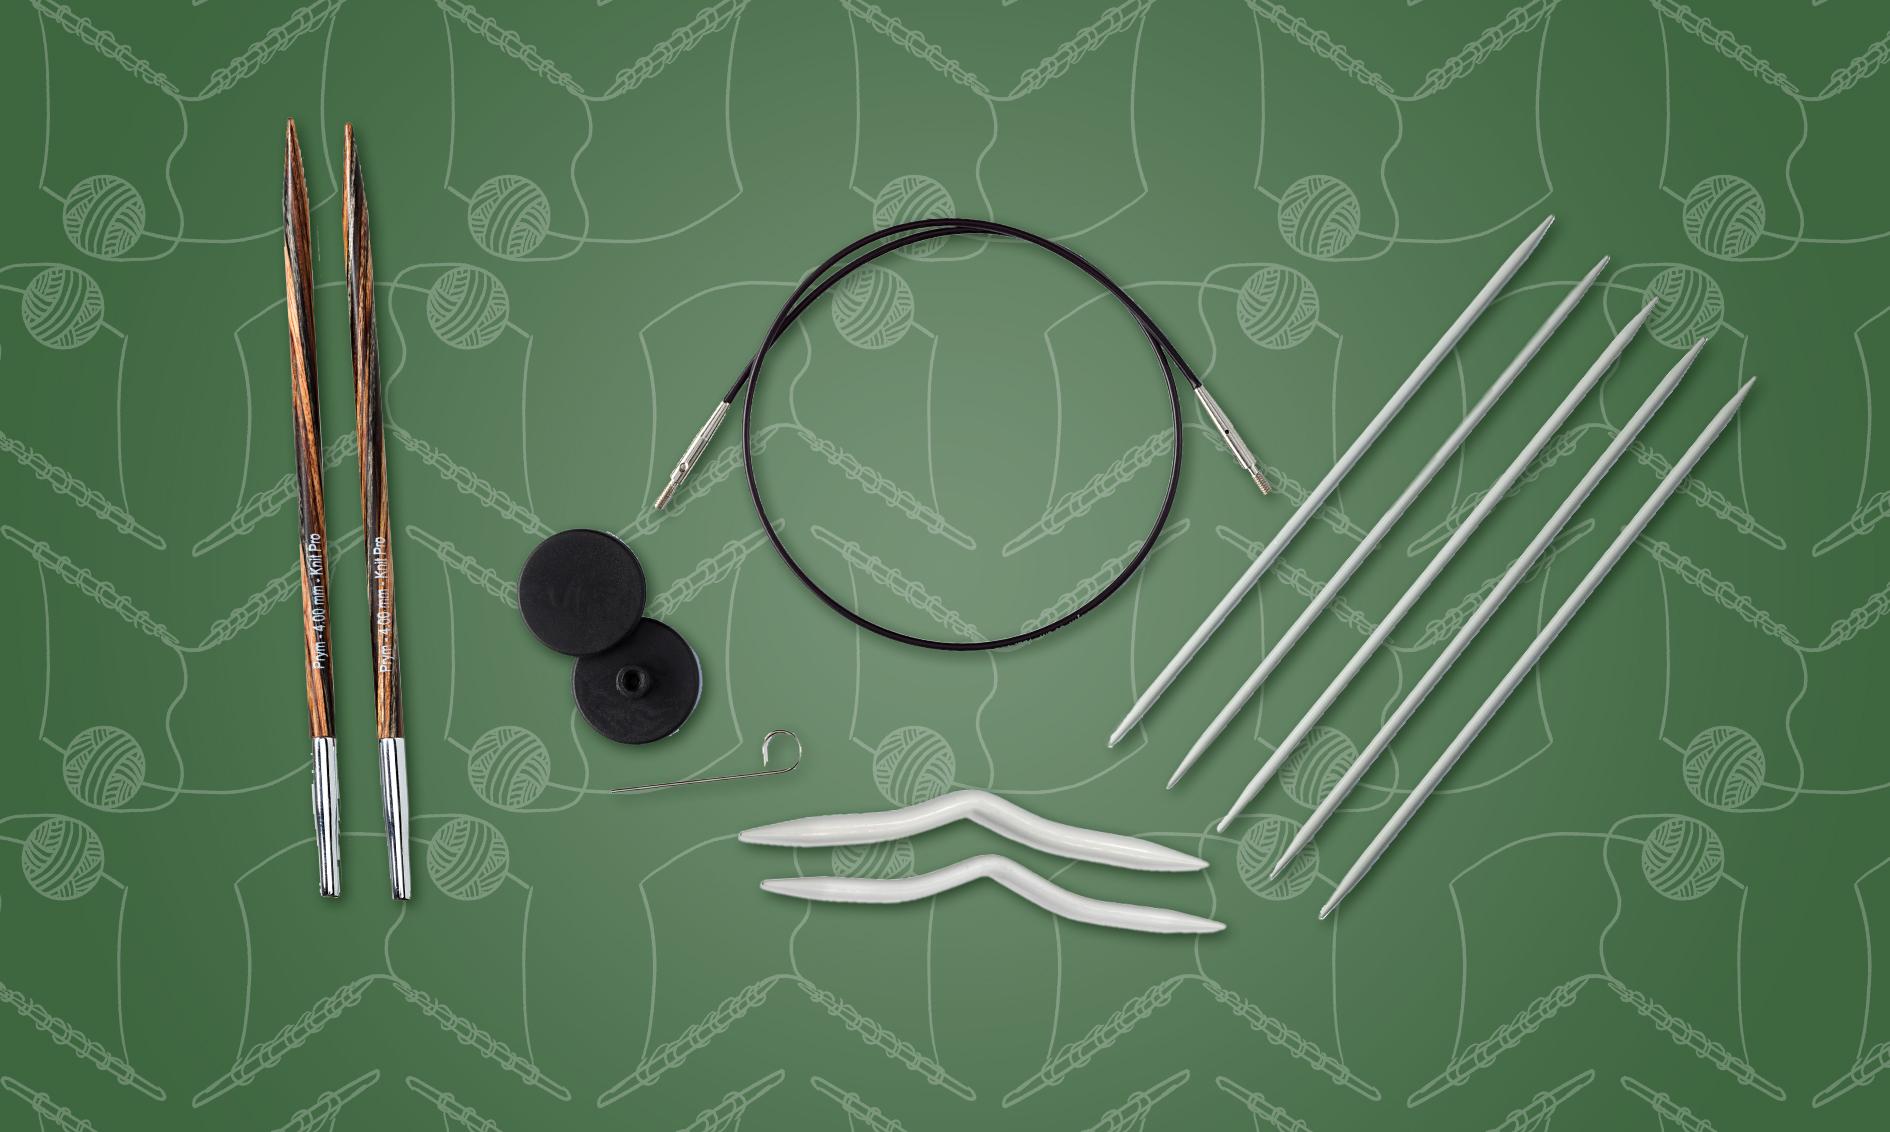 Anbefalte strikkepinner basert på strikkeprosjekter og garn